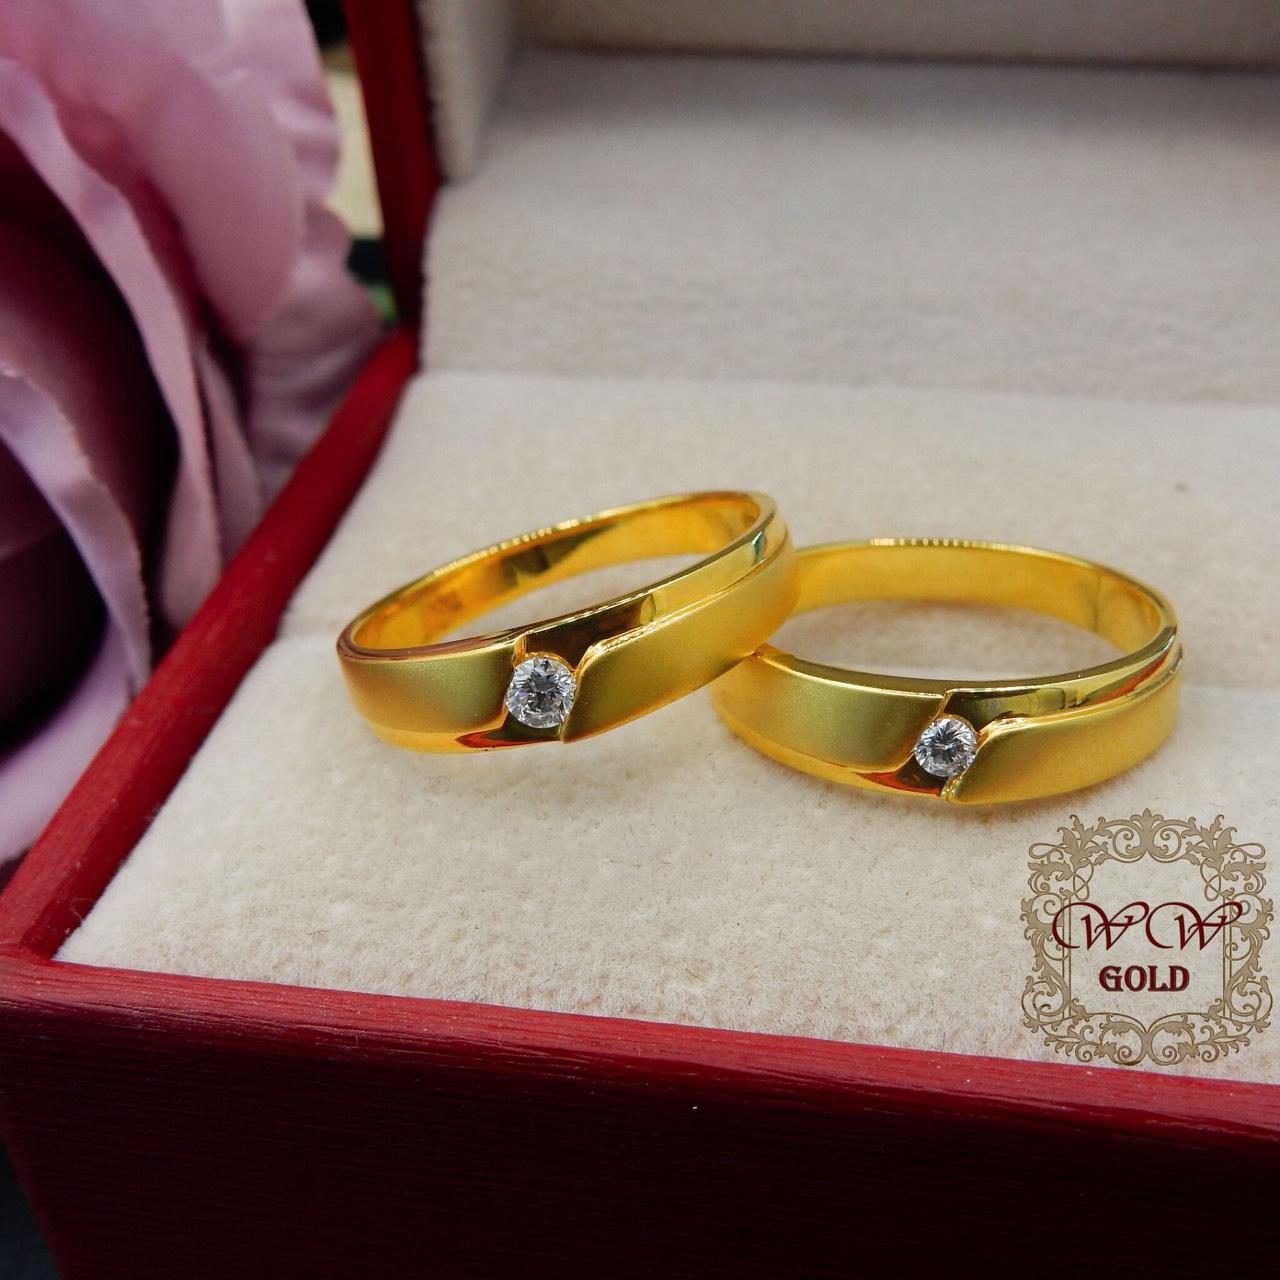 แหวนคู่เรียบหรู (เพชรแท้)